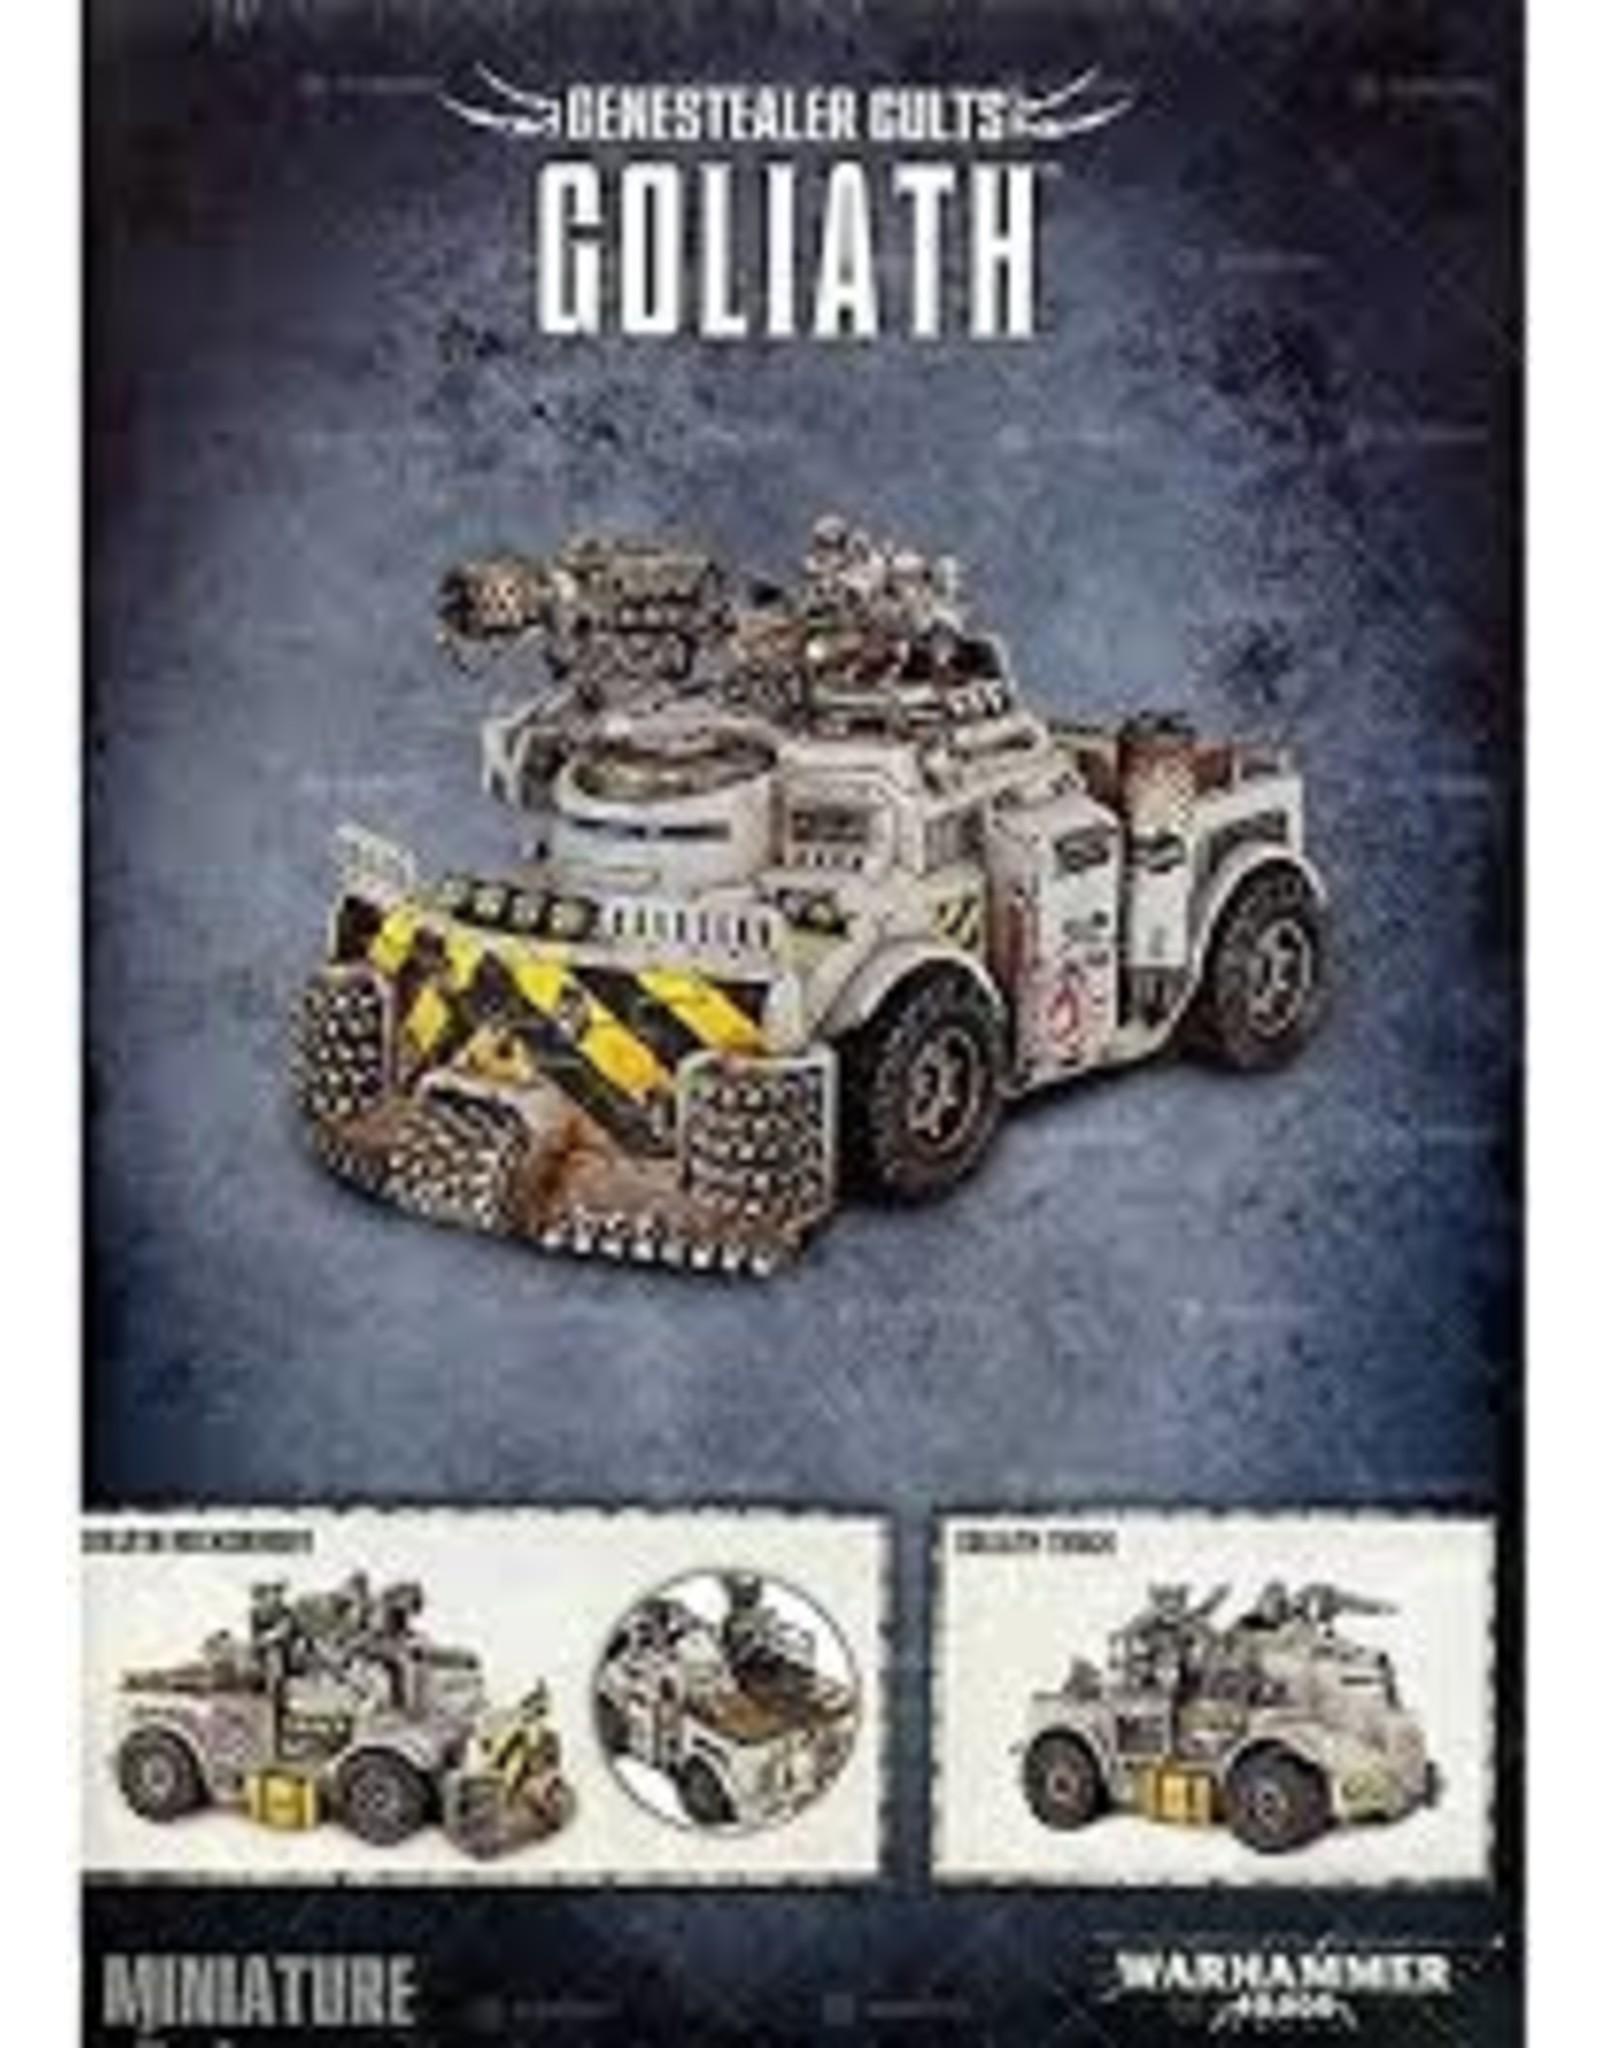 Warhammer 40K Chaos: Genestealer Cults Goliath